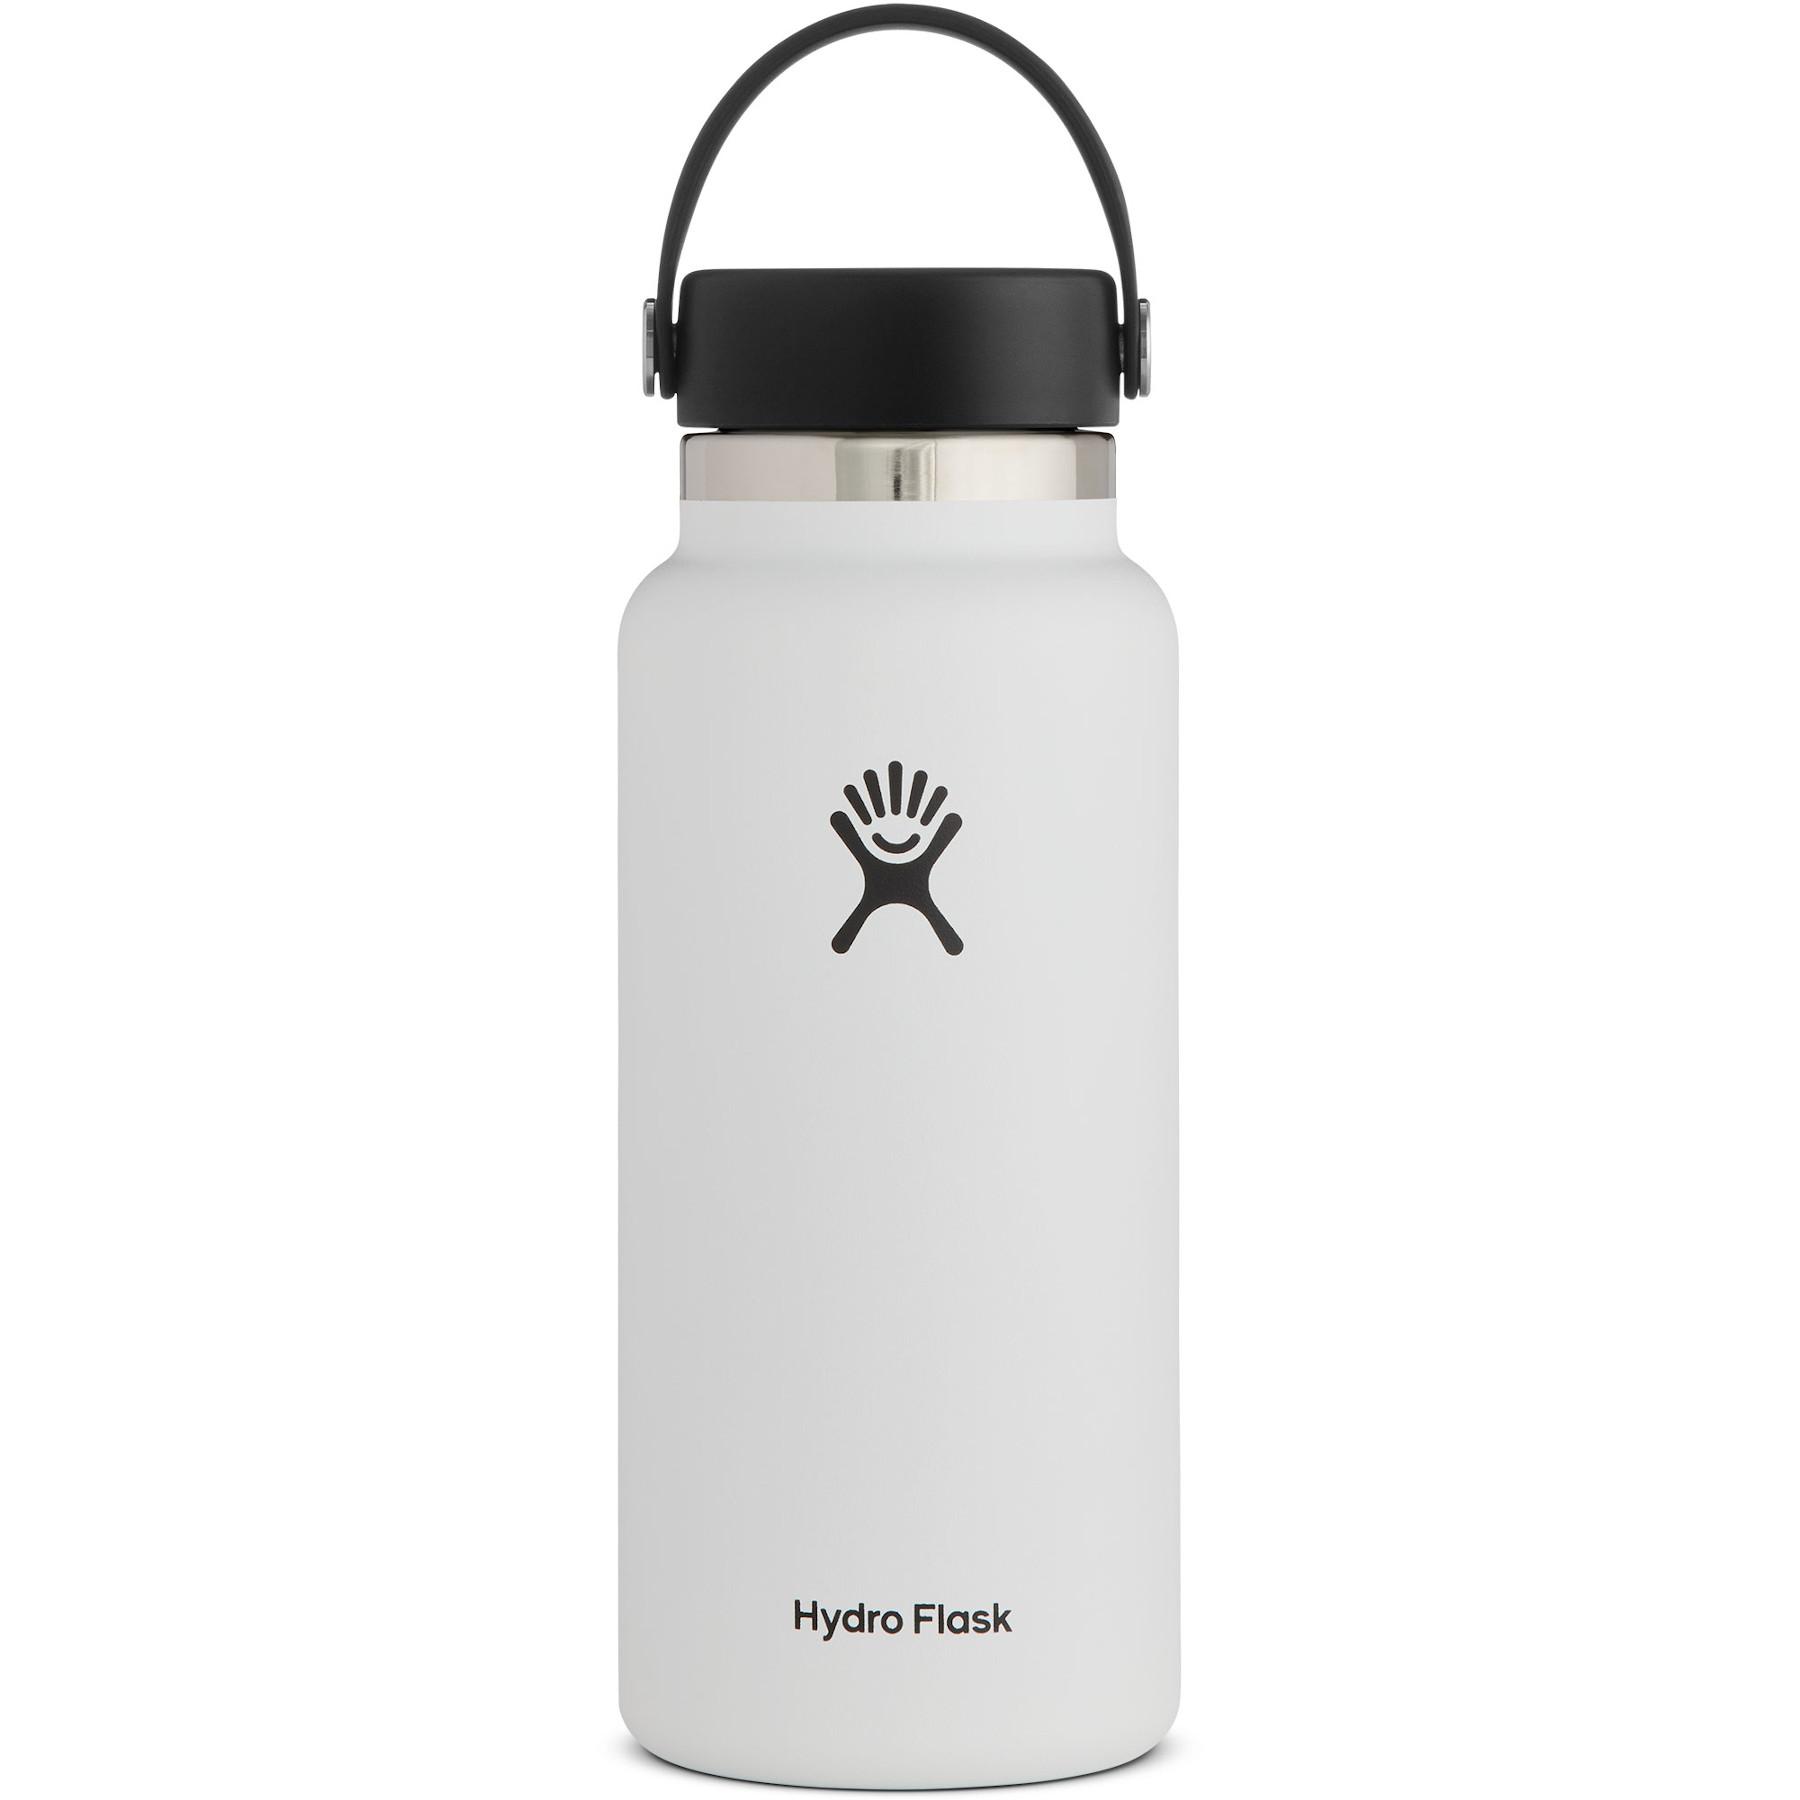 Produktbild von Hydro Flask 32 oz Wide Mouth mit Flex Cap 2.0 Thermoflasche 946 ml - White